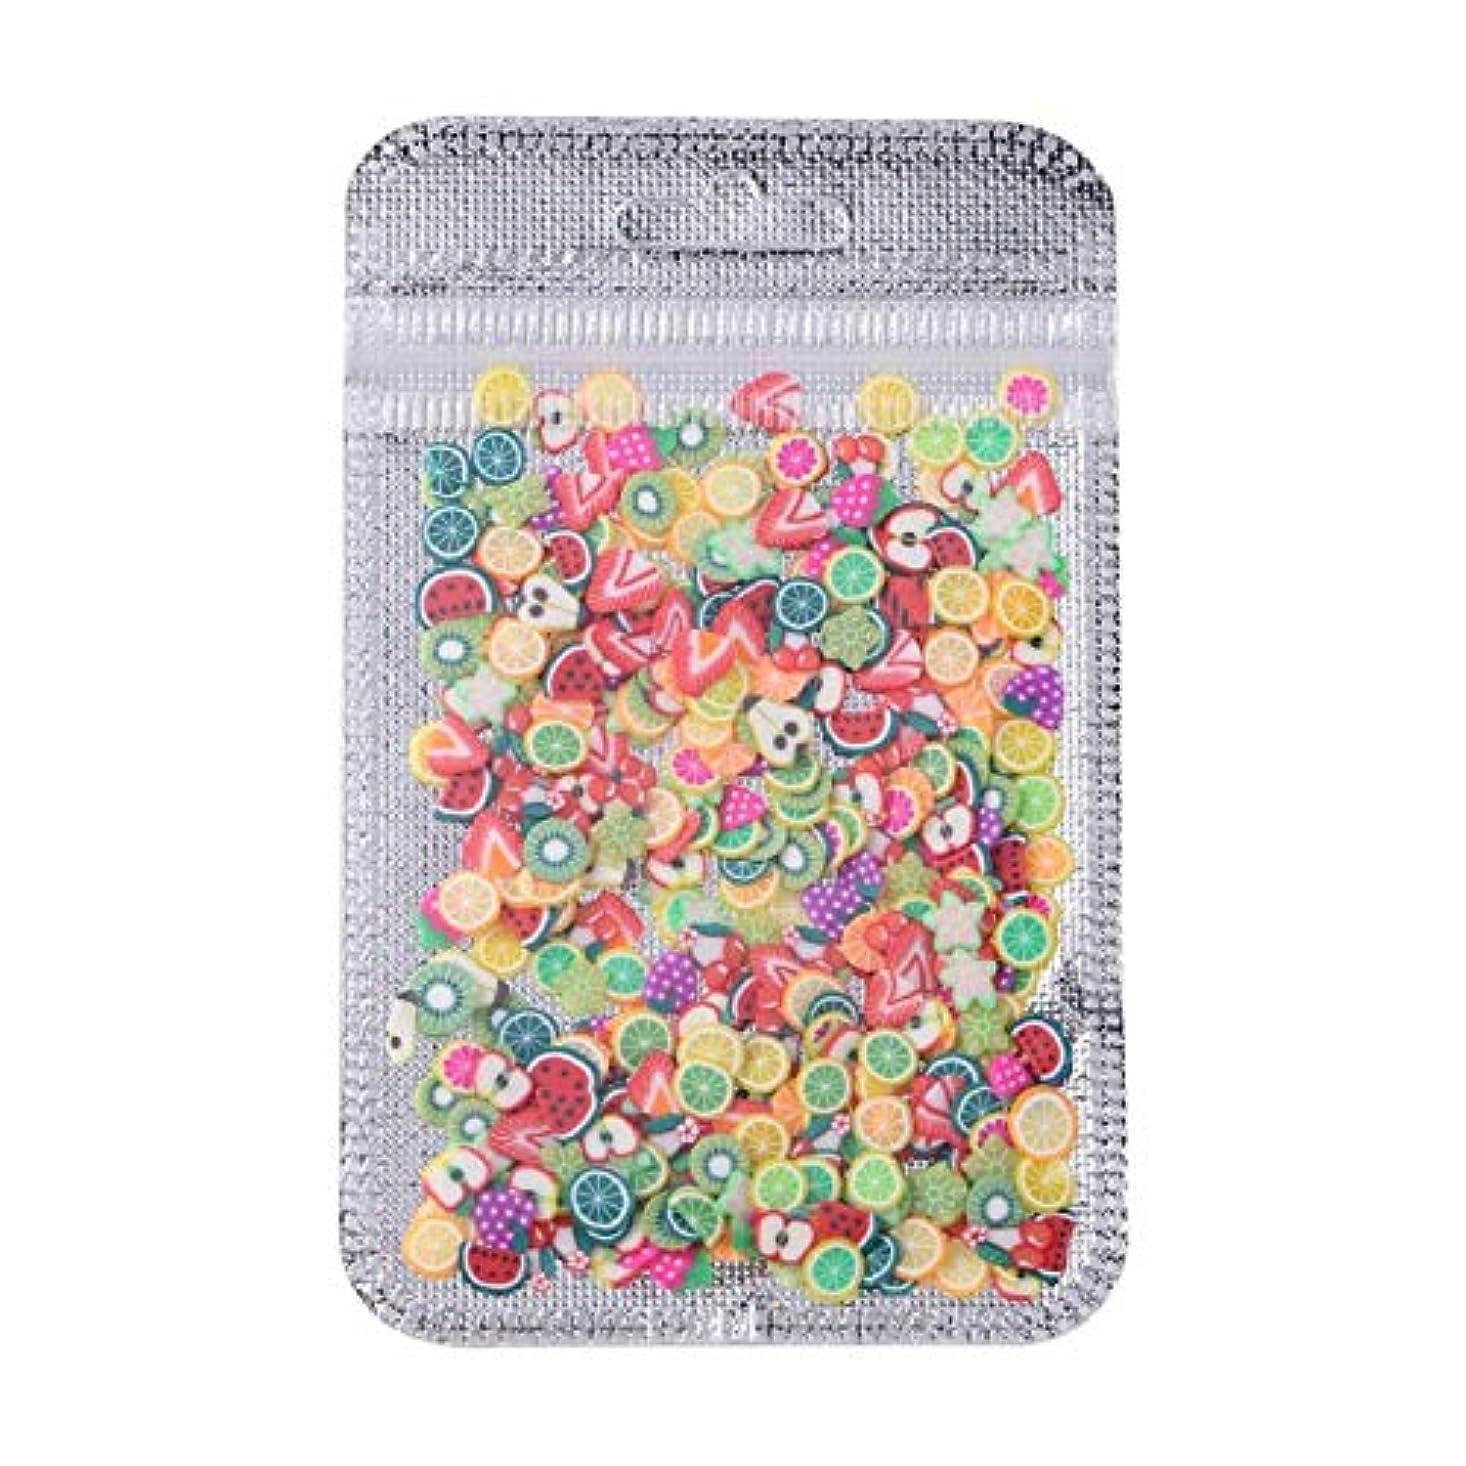 害呼び出す司法ネイルヒントインテリアネイルアートポリマー粘土装飾ヒントサロンデカールパッチ,Fruit